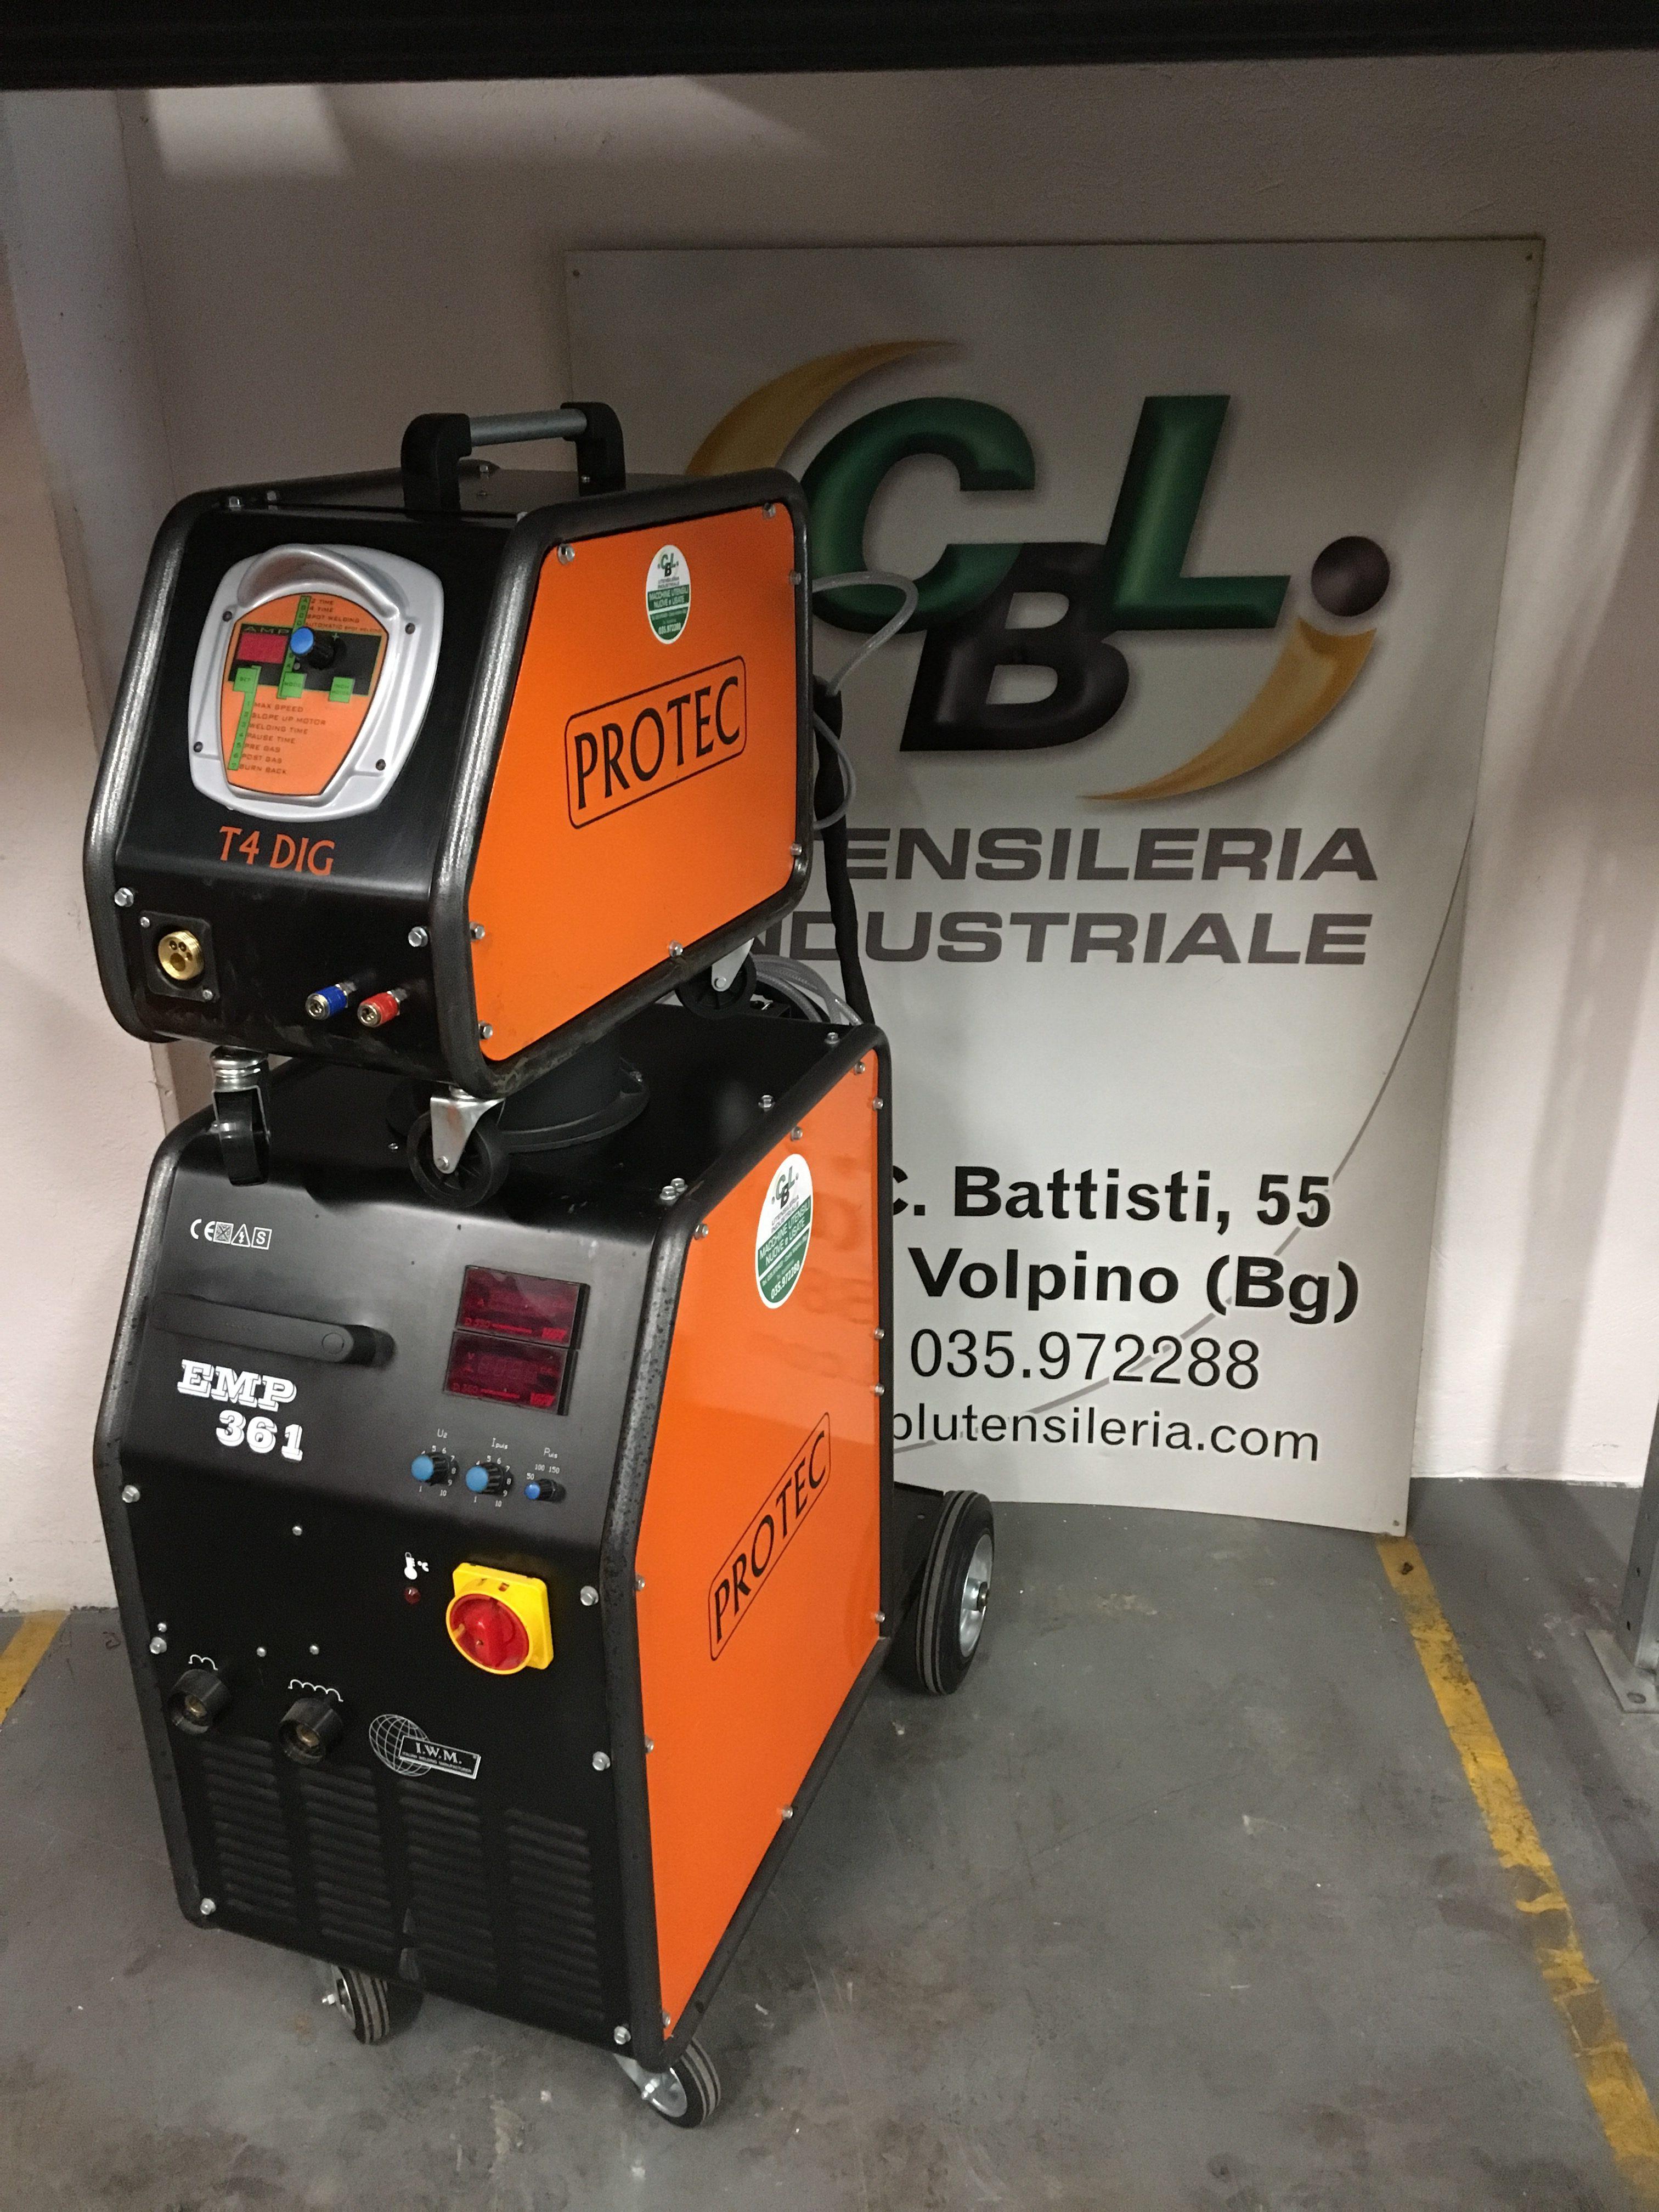 Saldatrice a filo protec emp 361 380v nuova usato cbl - Frese per piastrelle ...